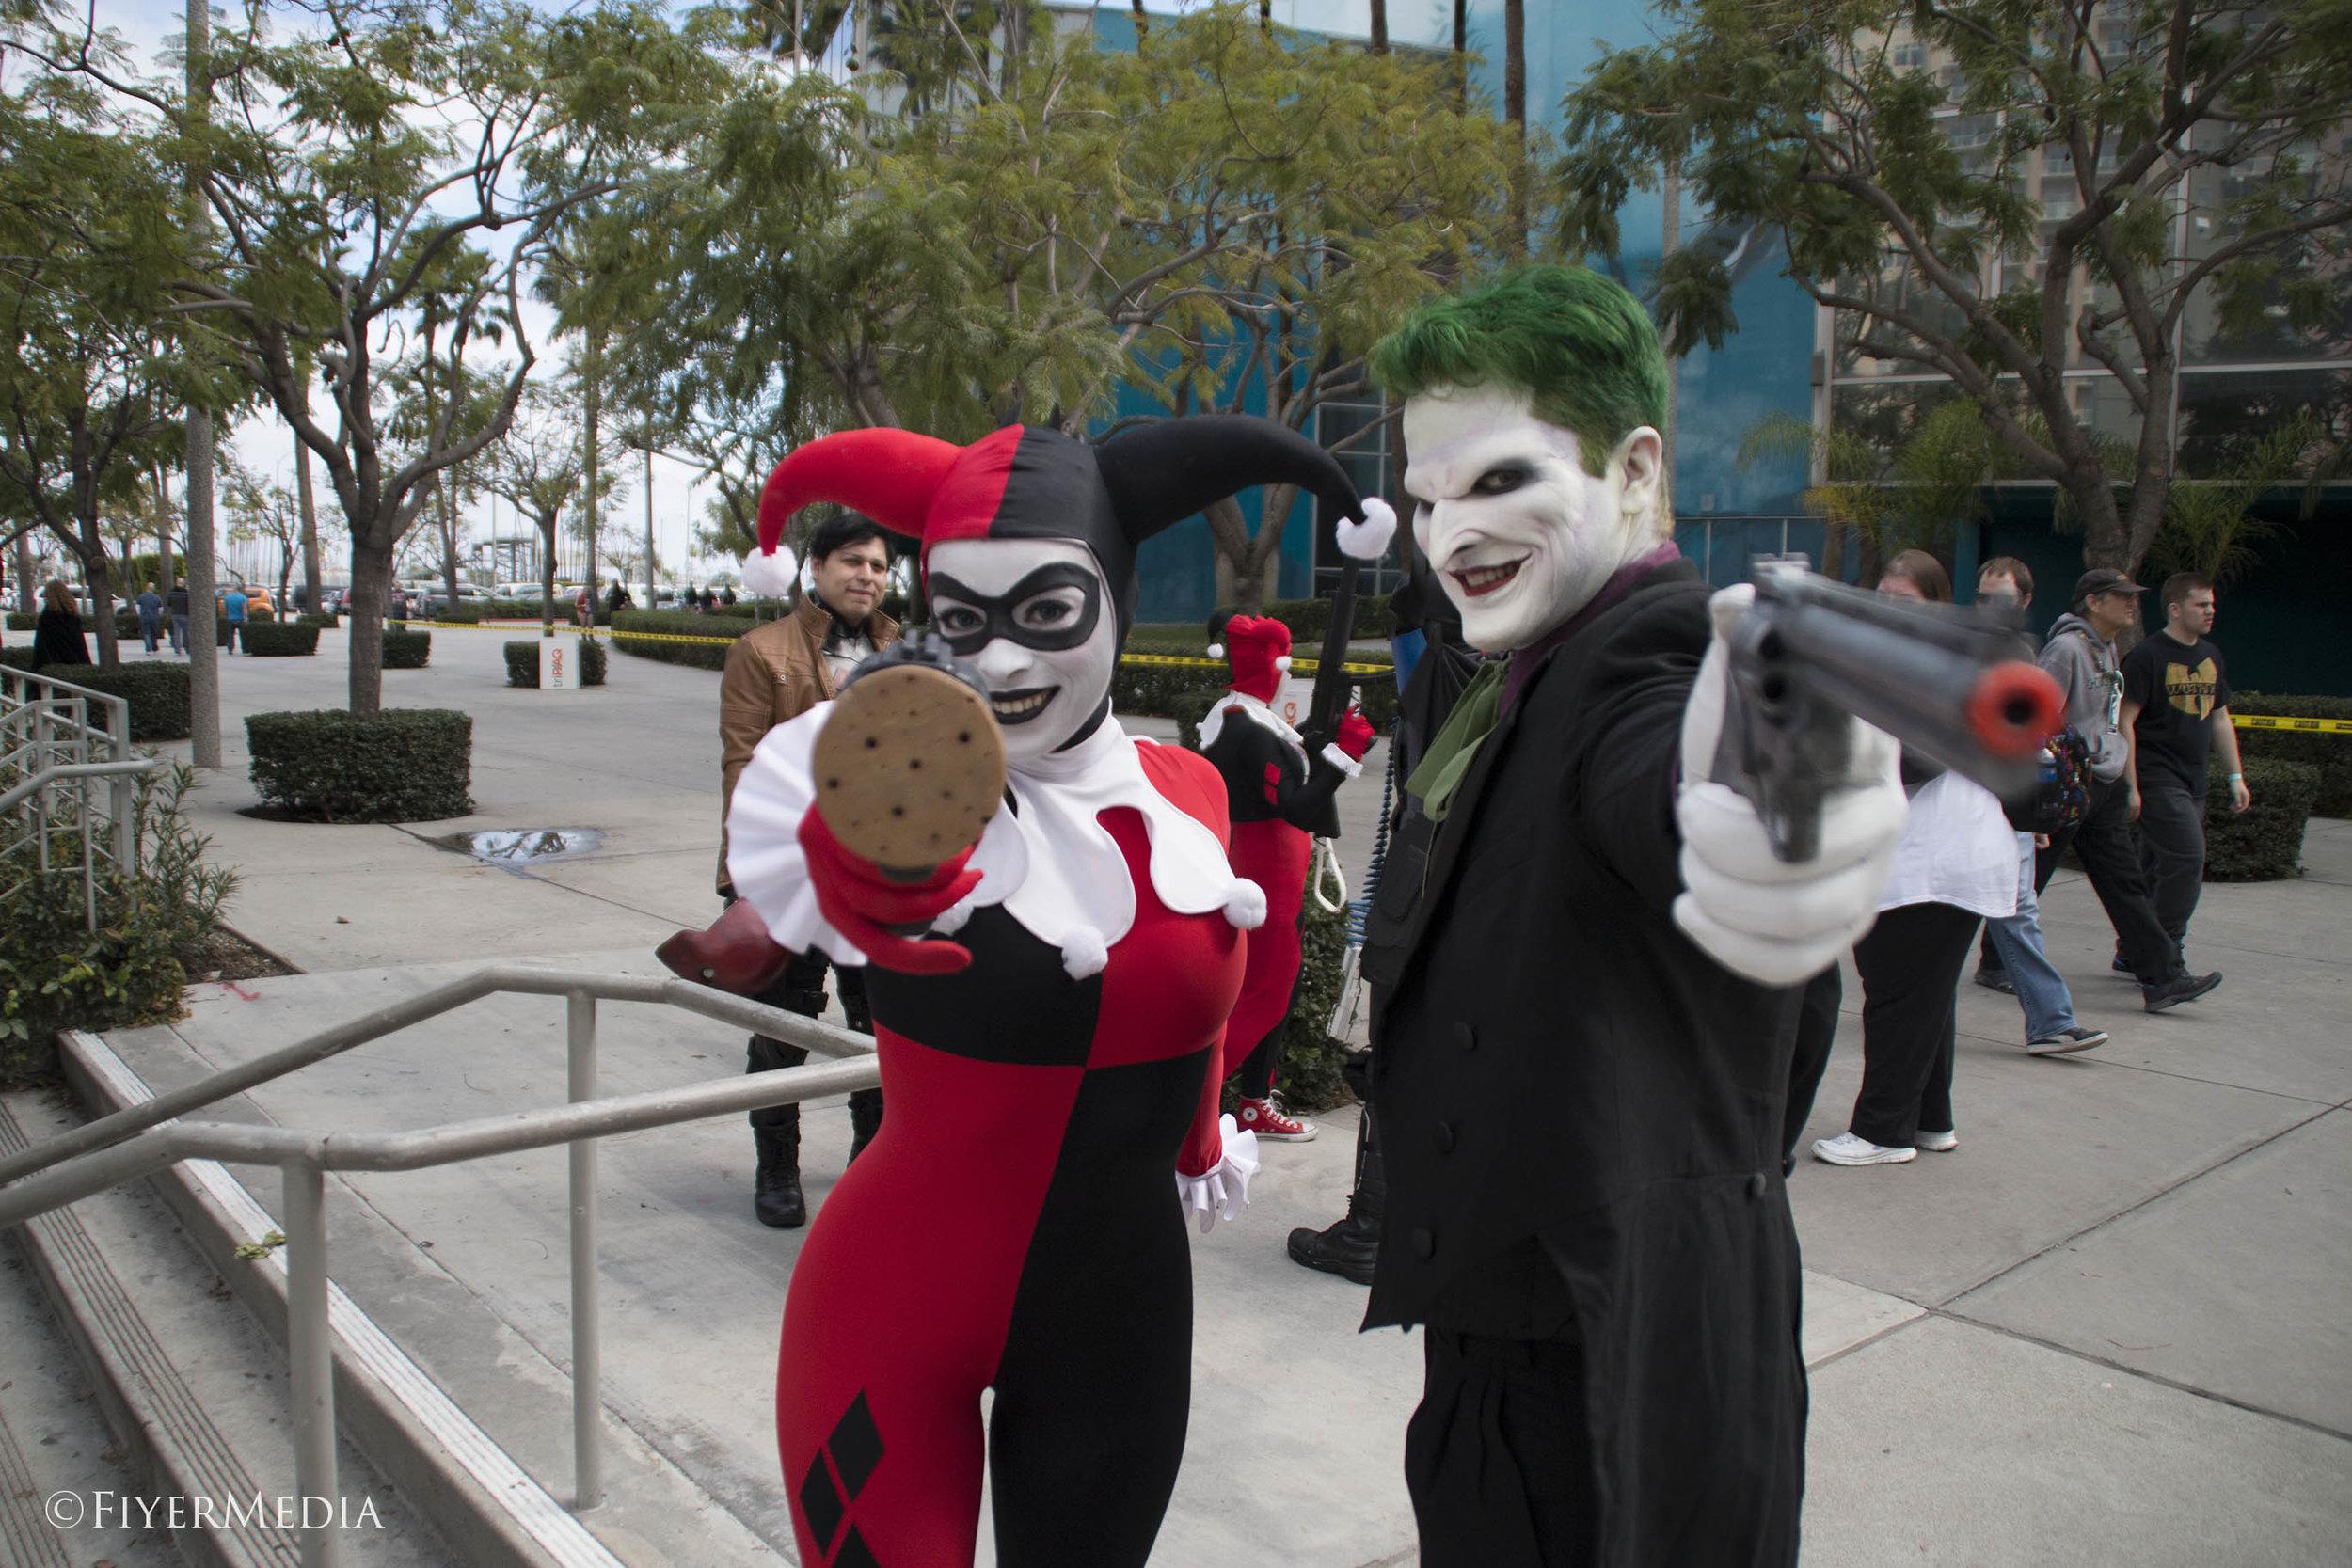 Joker_Harley.jpg